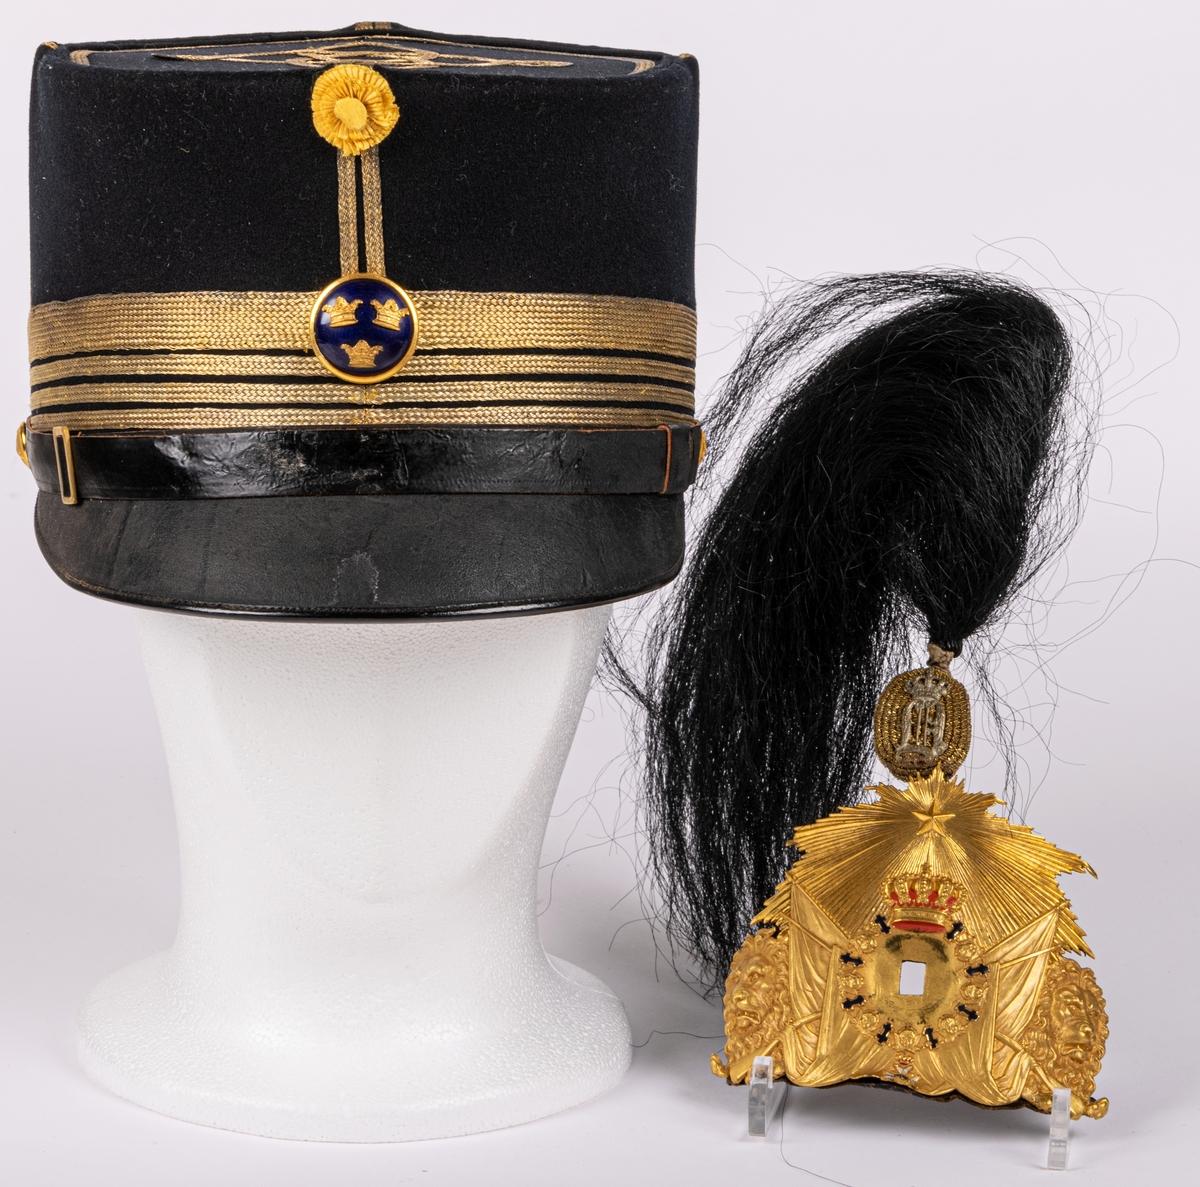 Uniformsmössa till översteuniform. I ask.